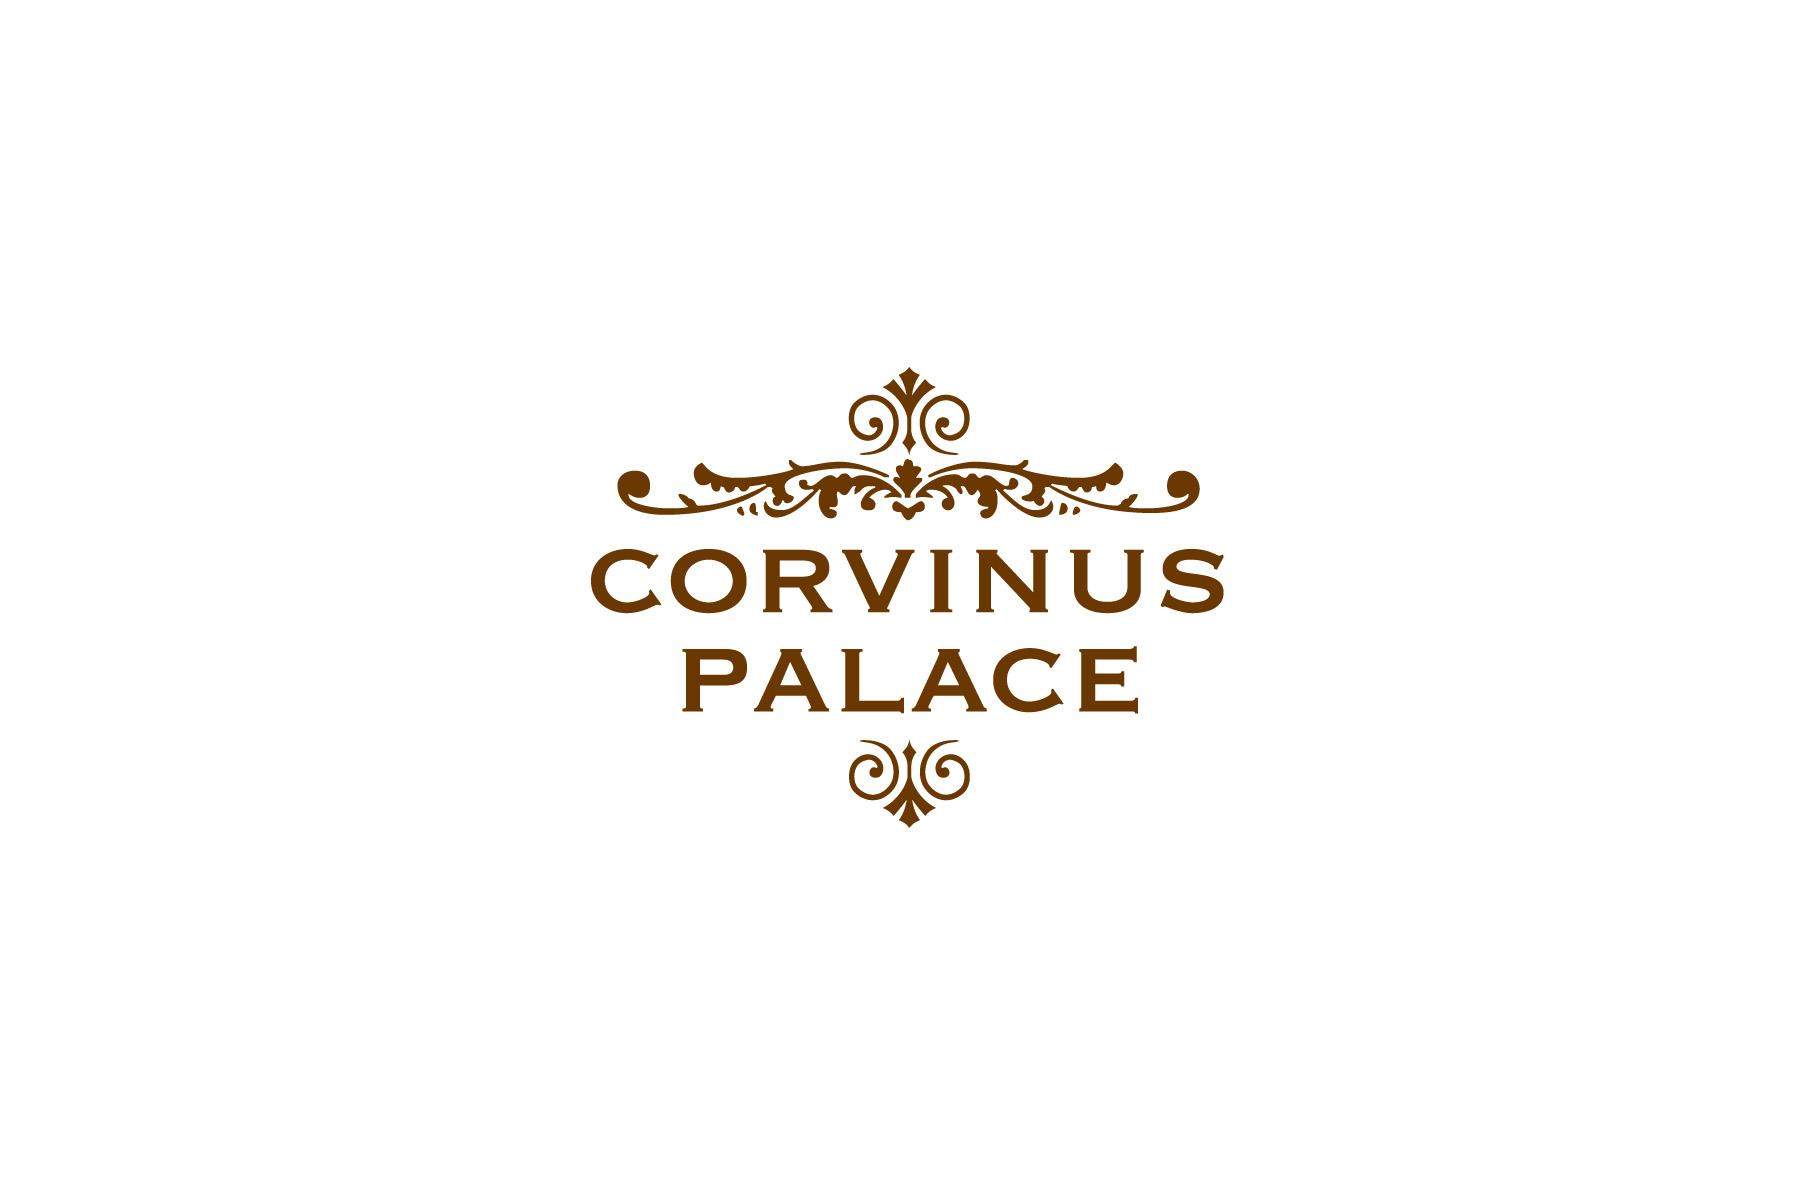 corvinus-palace-01